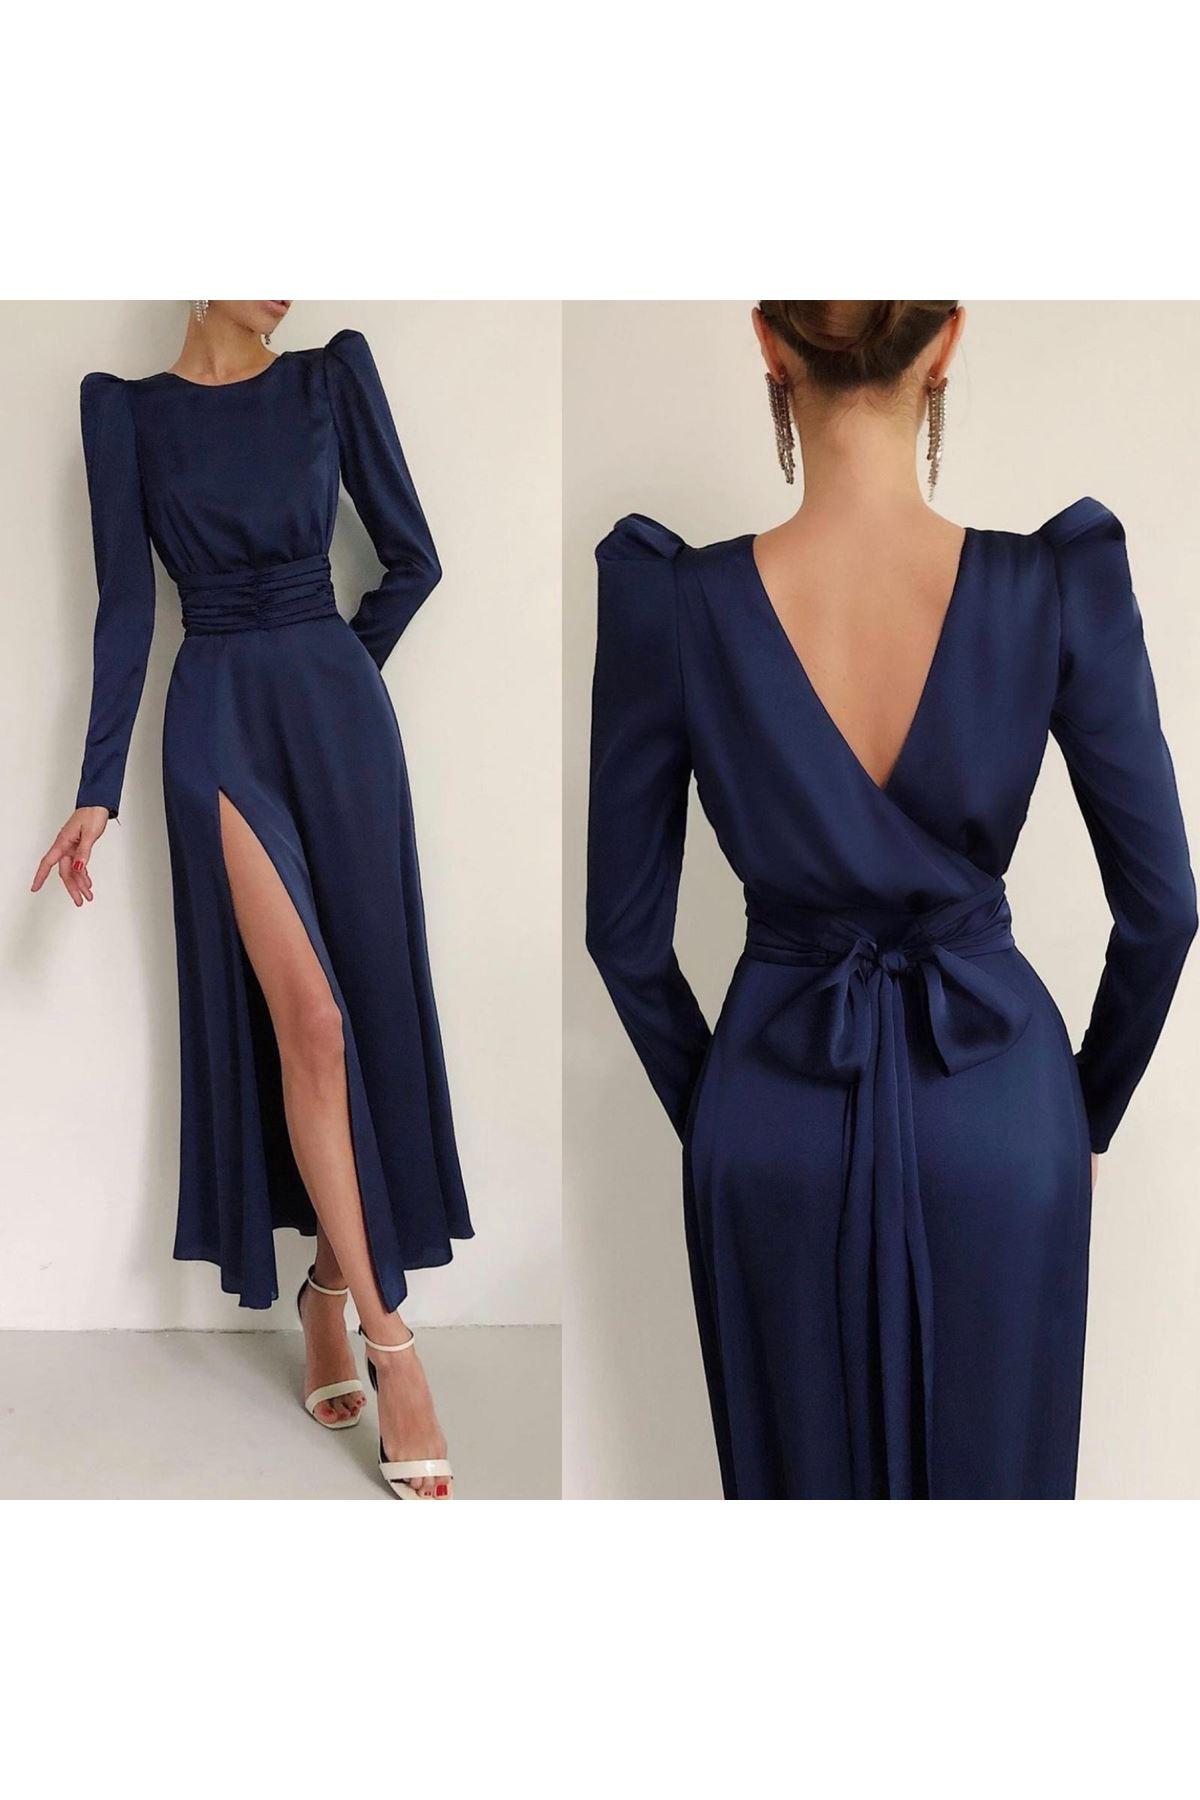 Sırt Dekolteli Yırtmaçlı Elbise - Lacivert